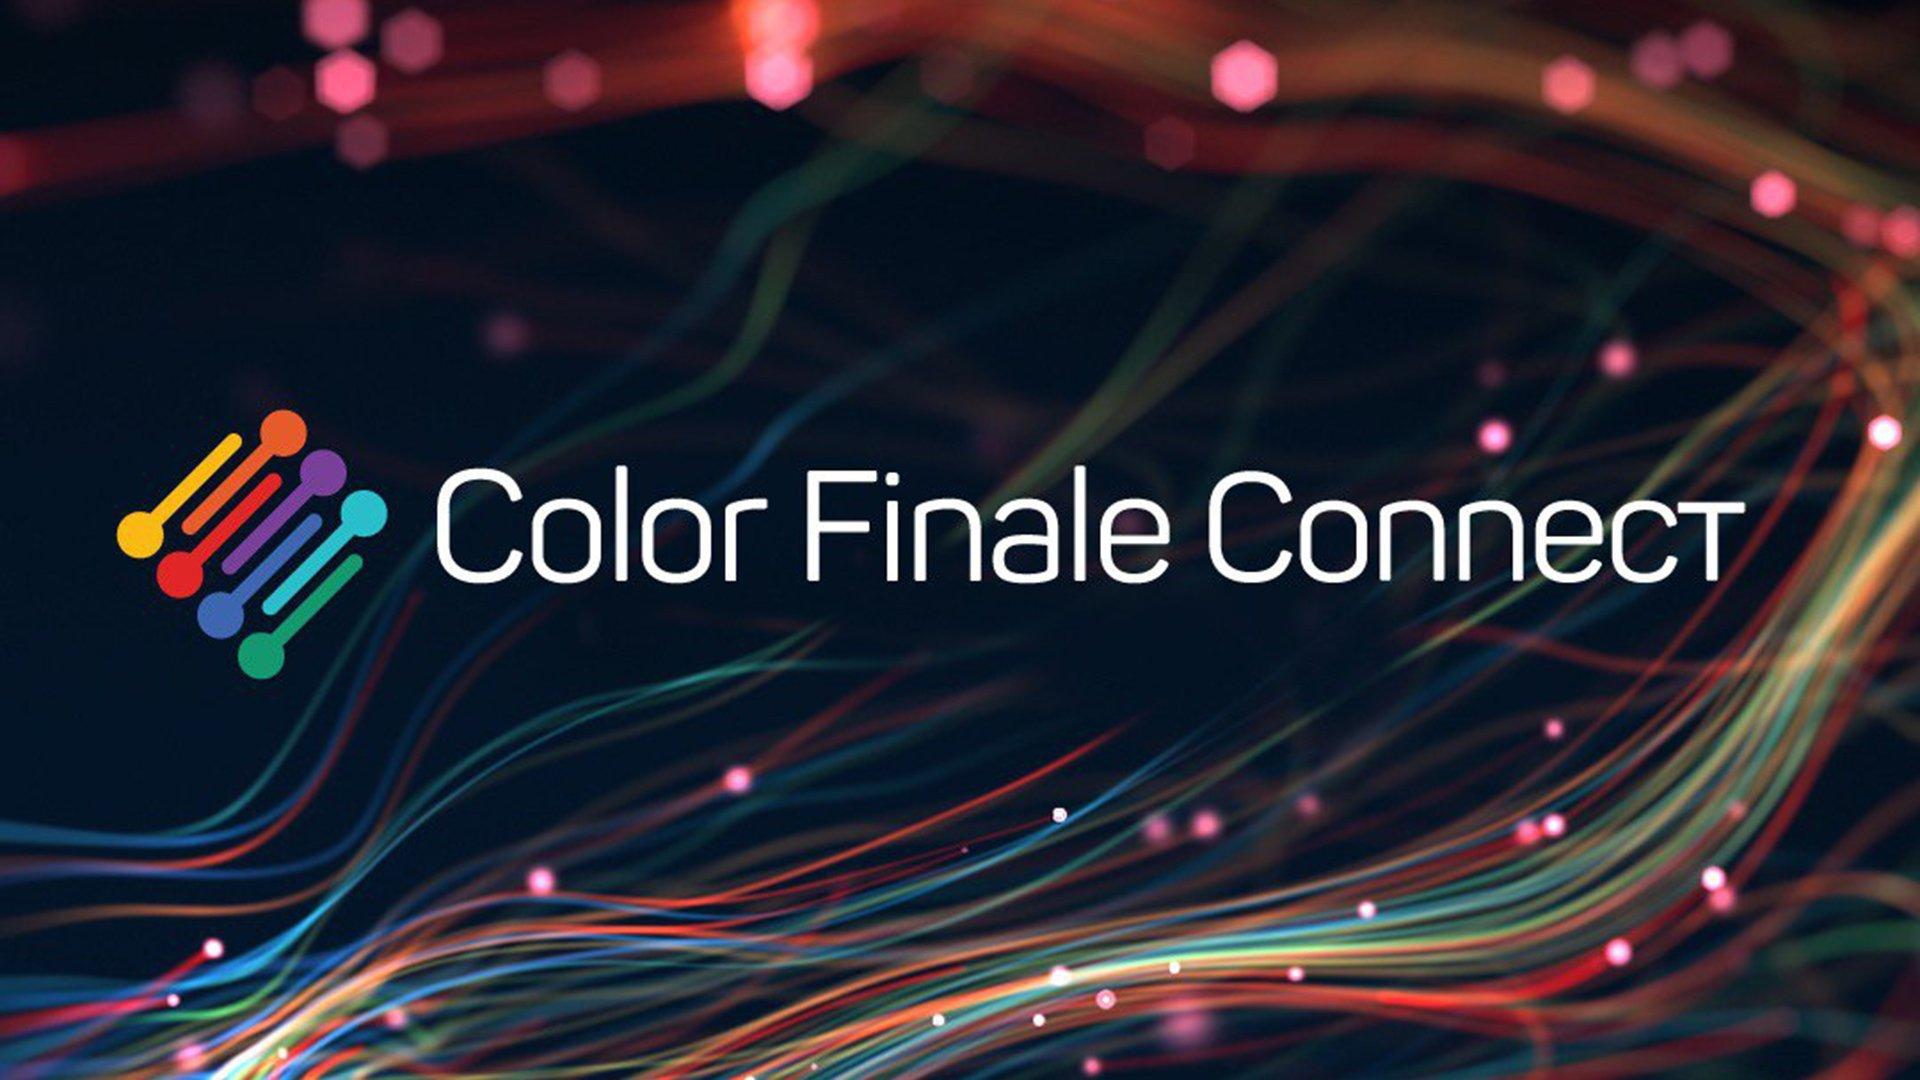 Color Finale Connect